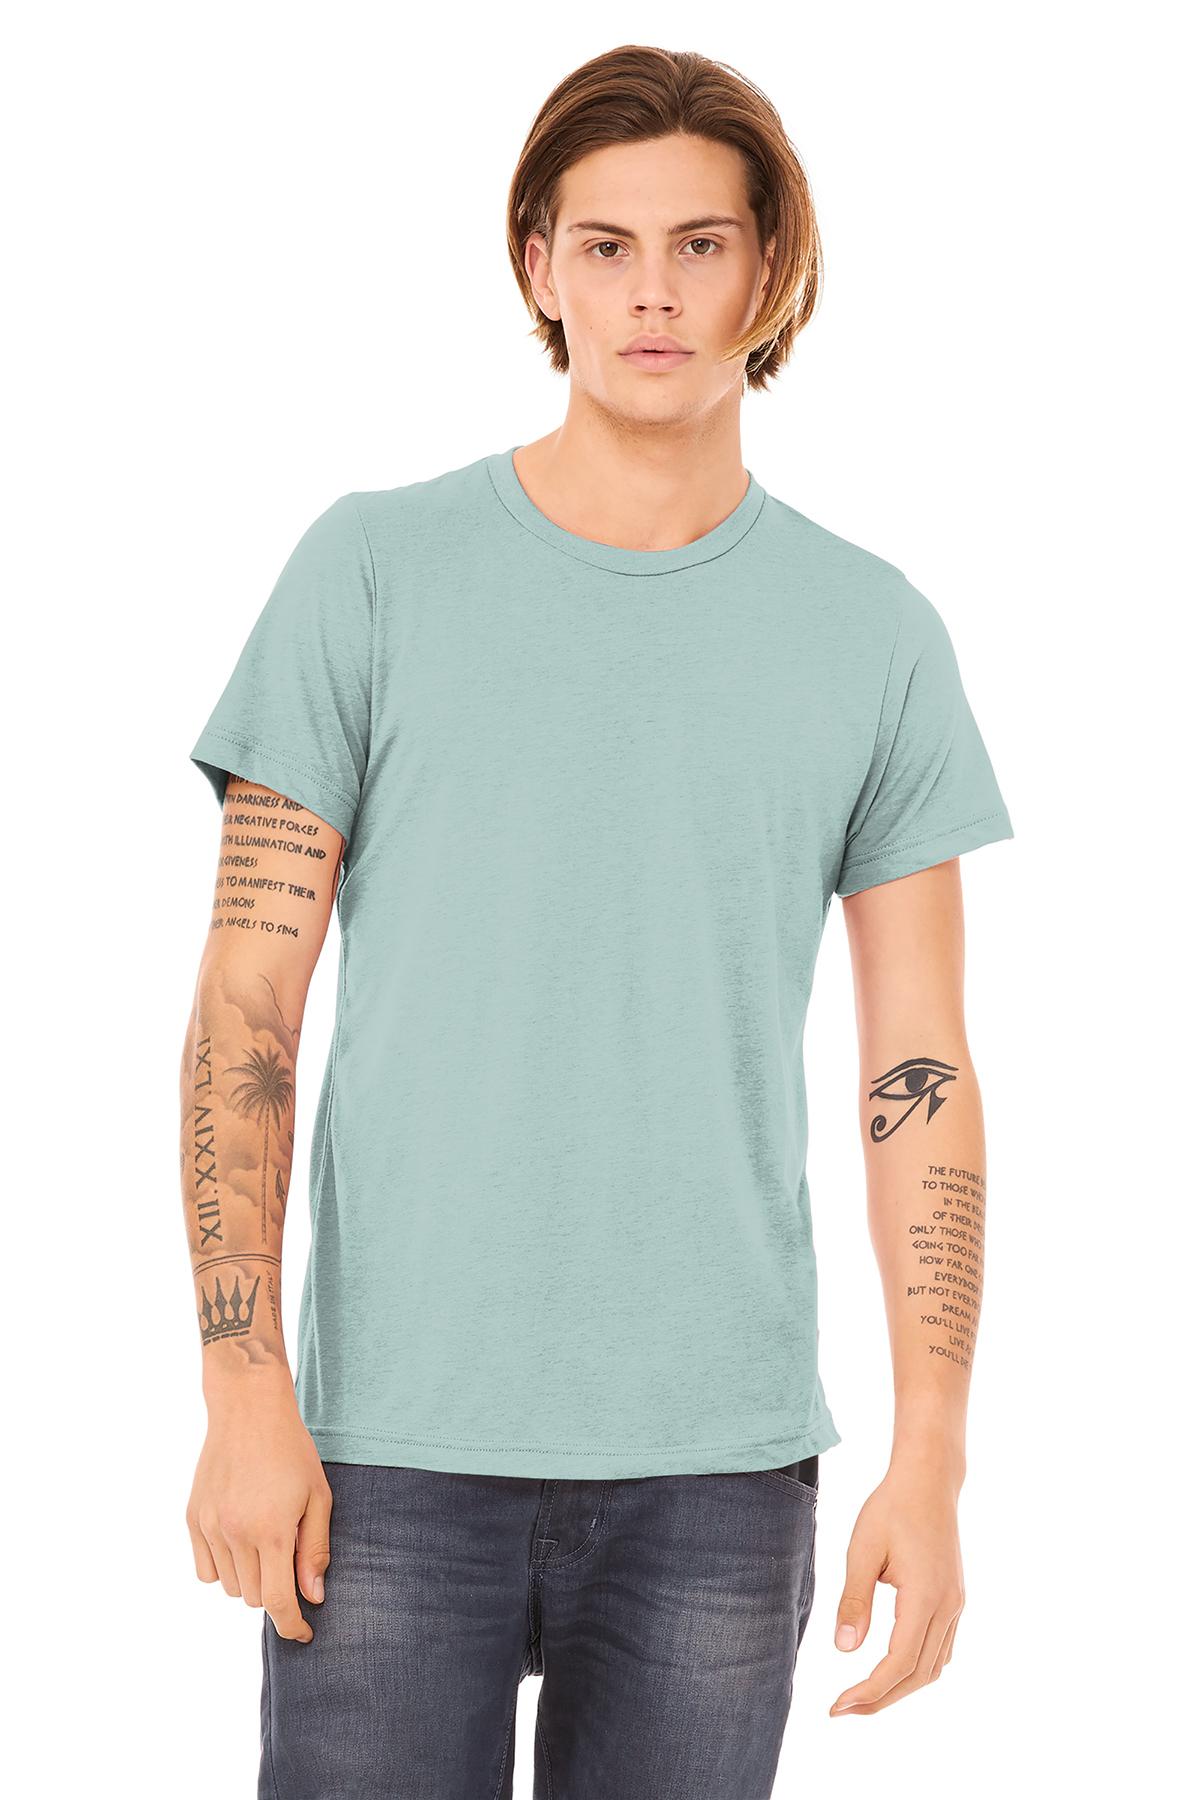 Boini Maserati Car Logo Basic Daily Wear Cute Graphic Raglan T Shirts for Boys and Girls